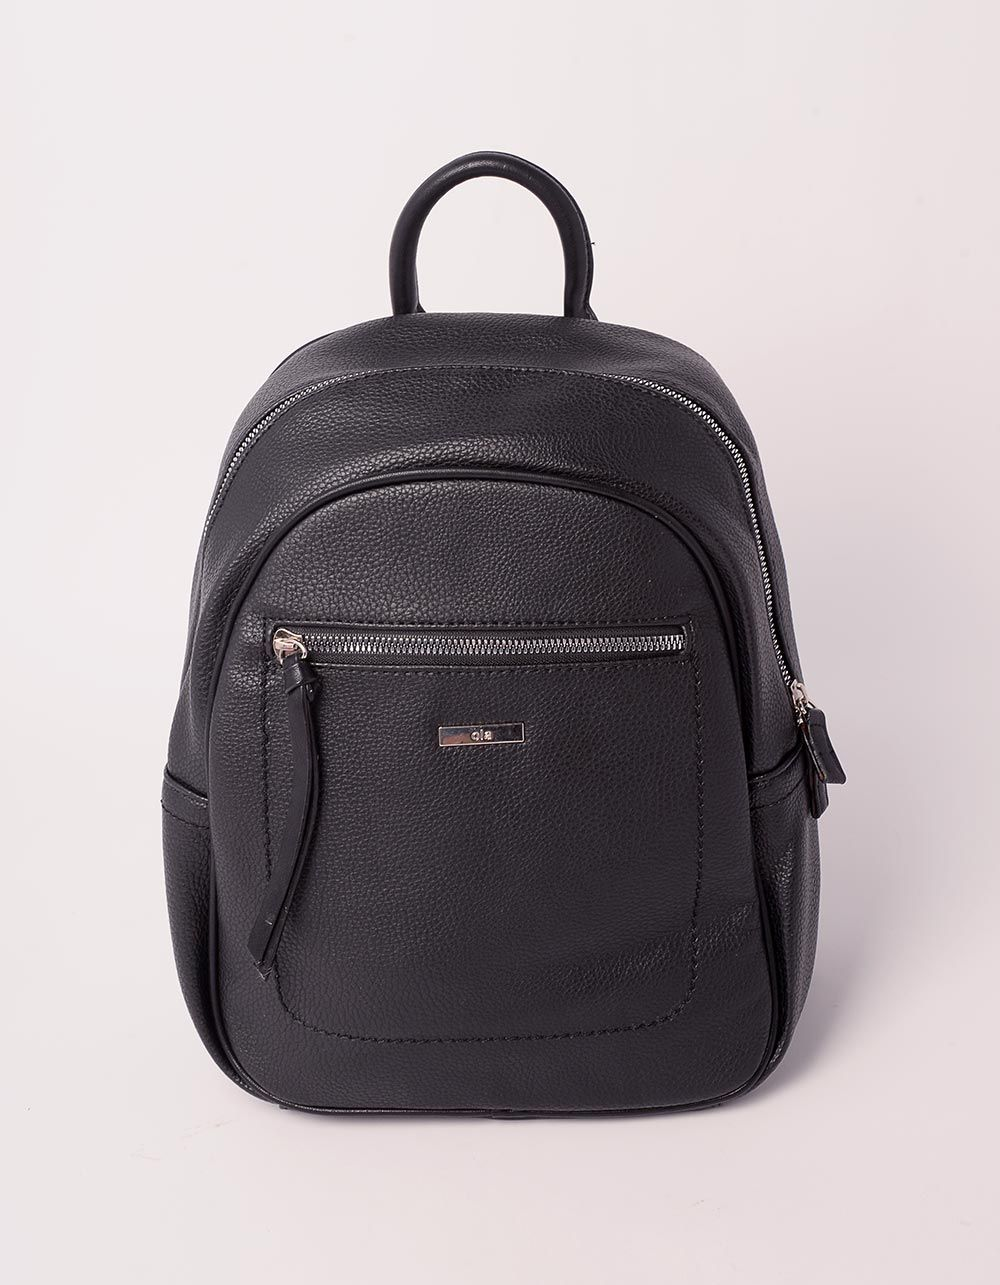 Рюкзак на блискавці з кишенею | 237551-02-XX